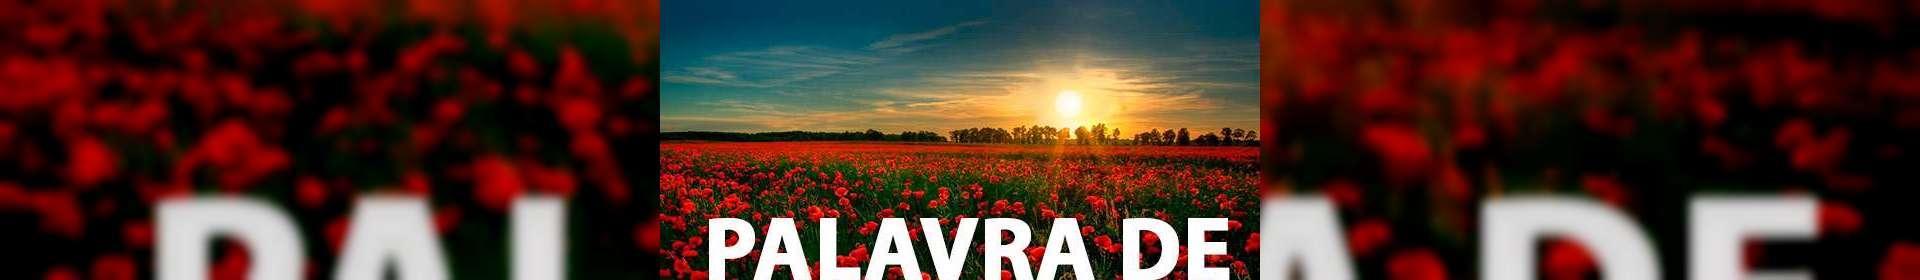 Salmos 30:5 - Uma Palavra de Esperança para sua vida